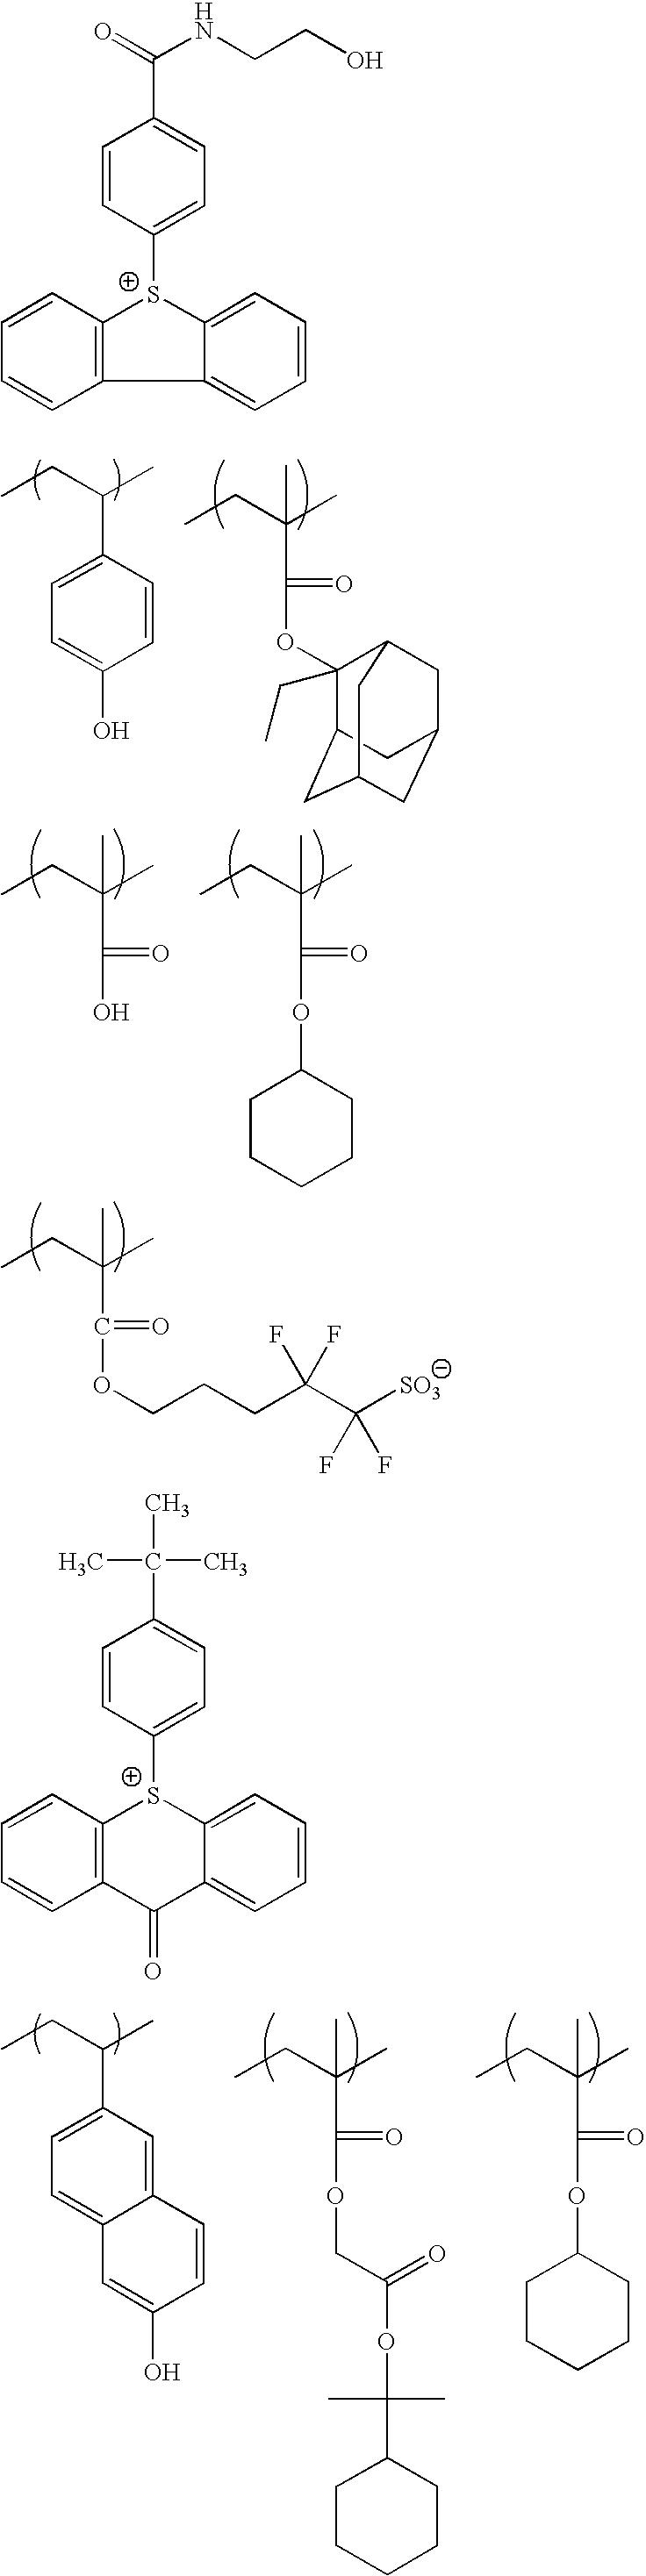 Figure US08852845-20141007-C00201